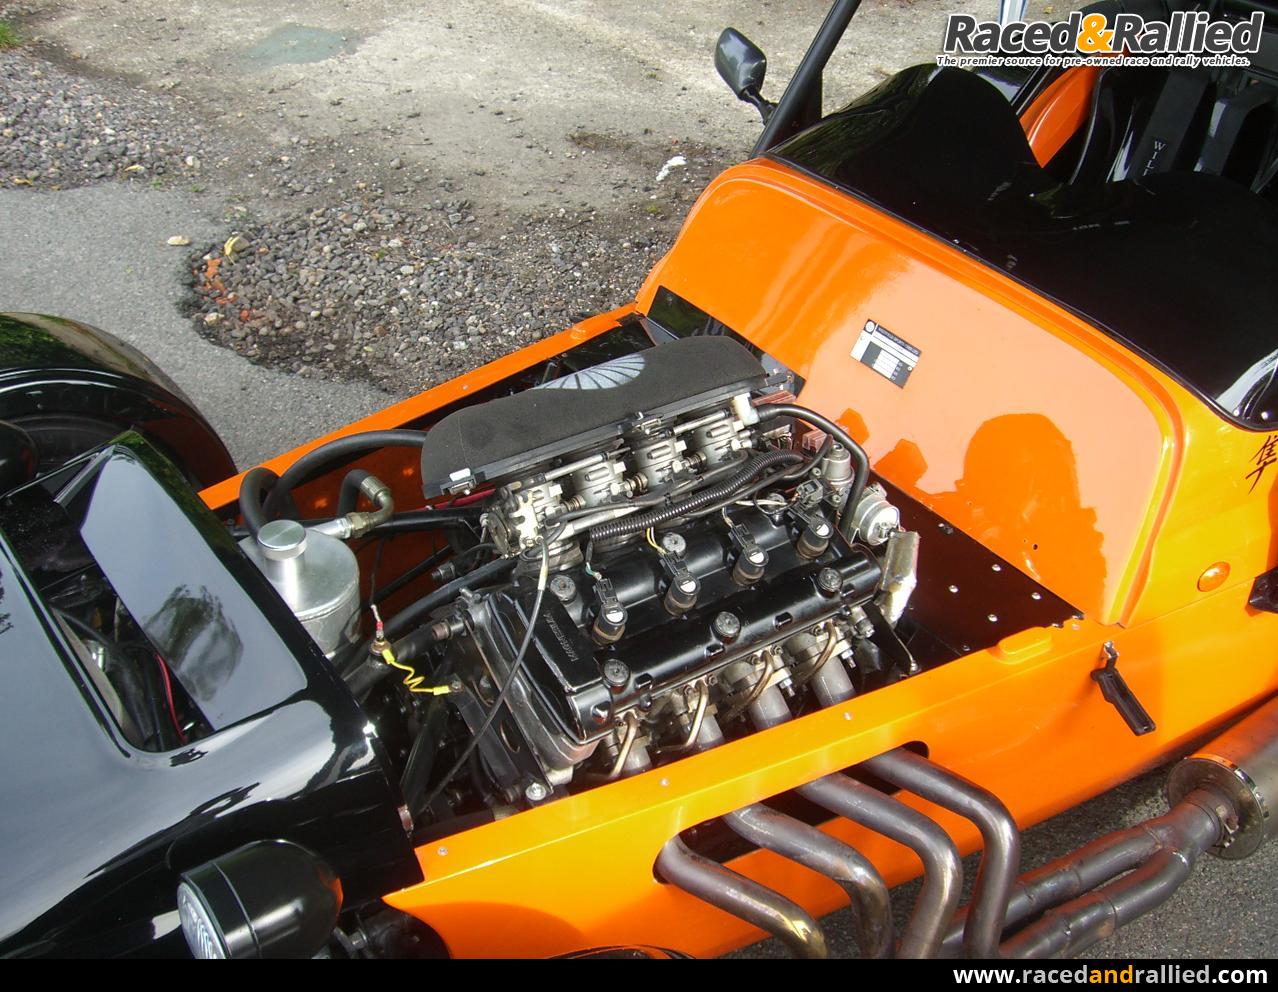 Bike Engined Race Car